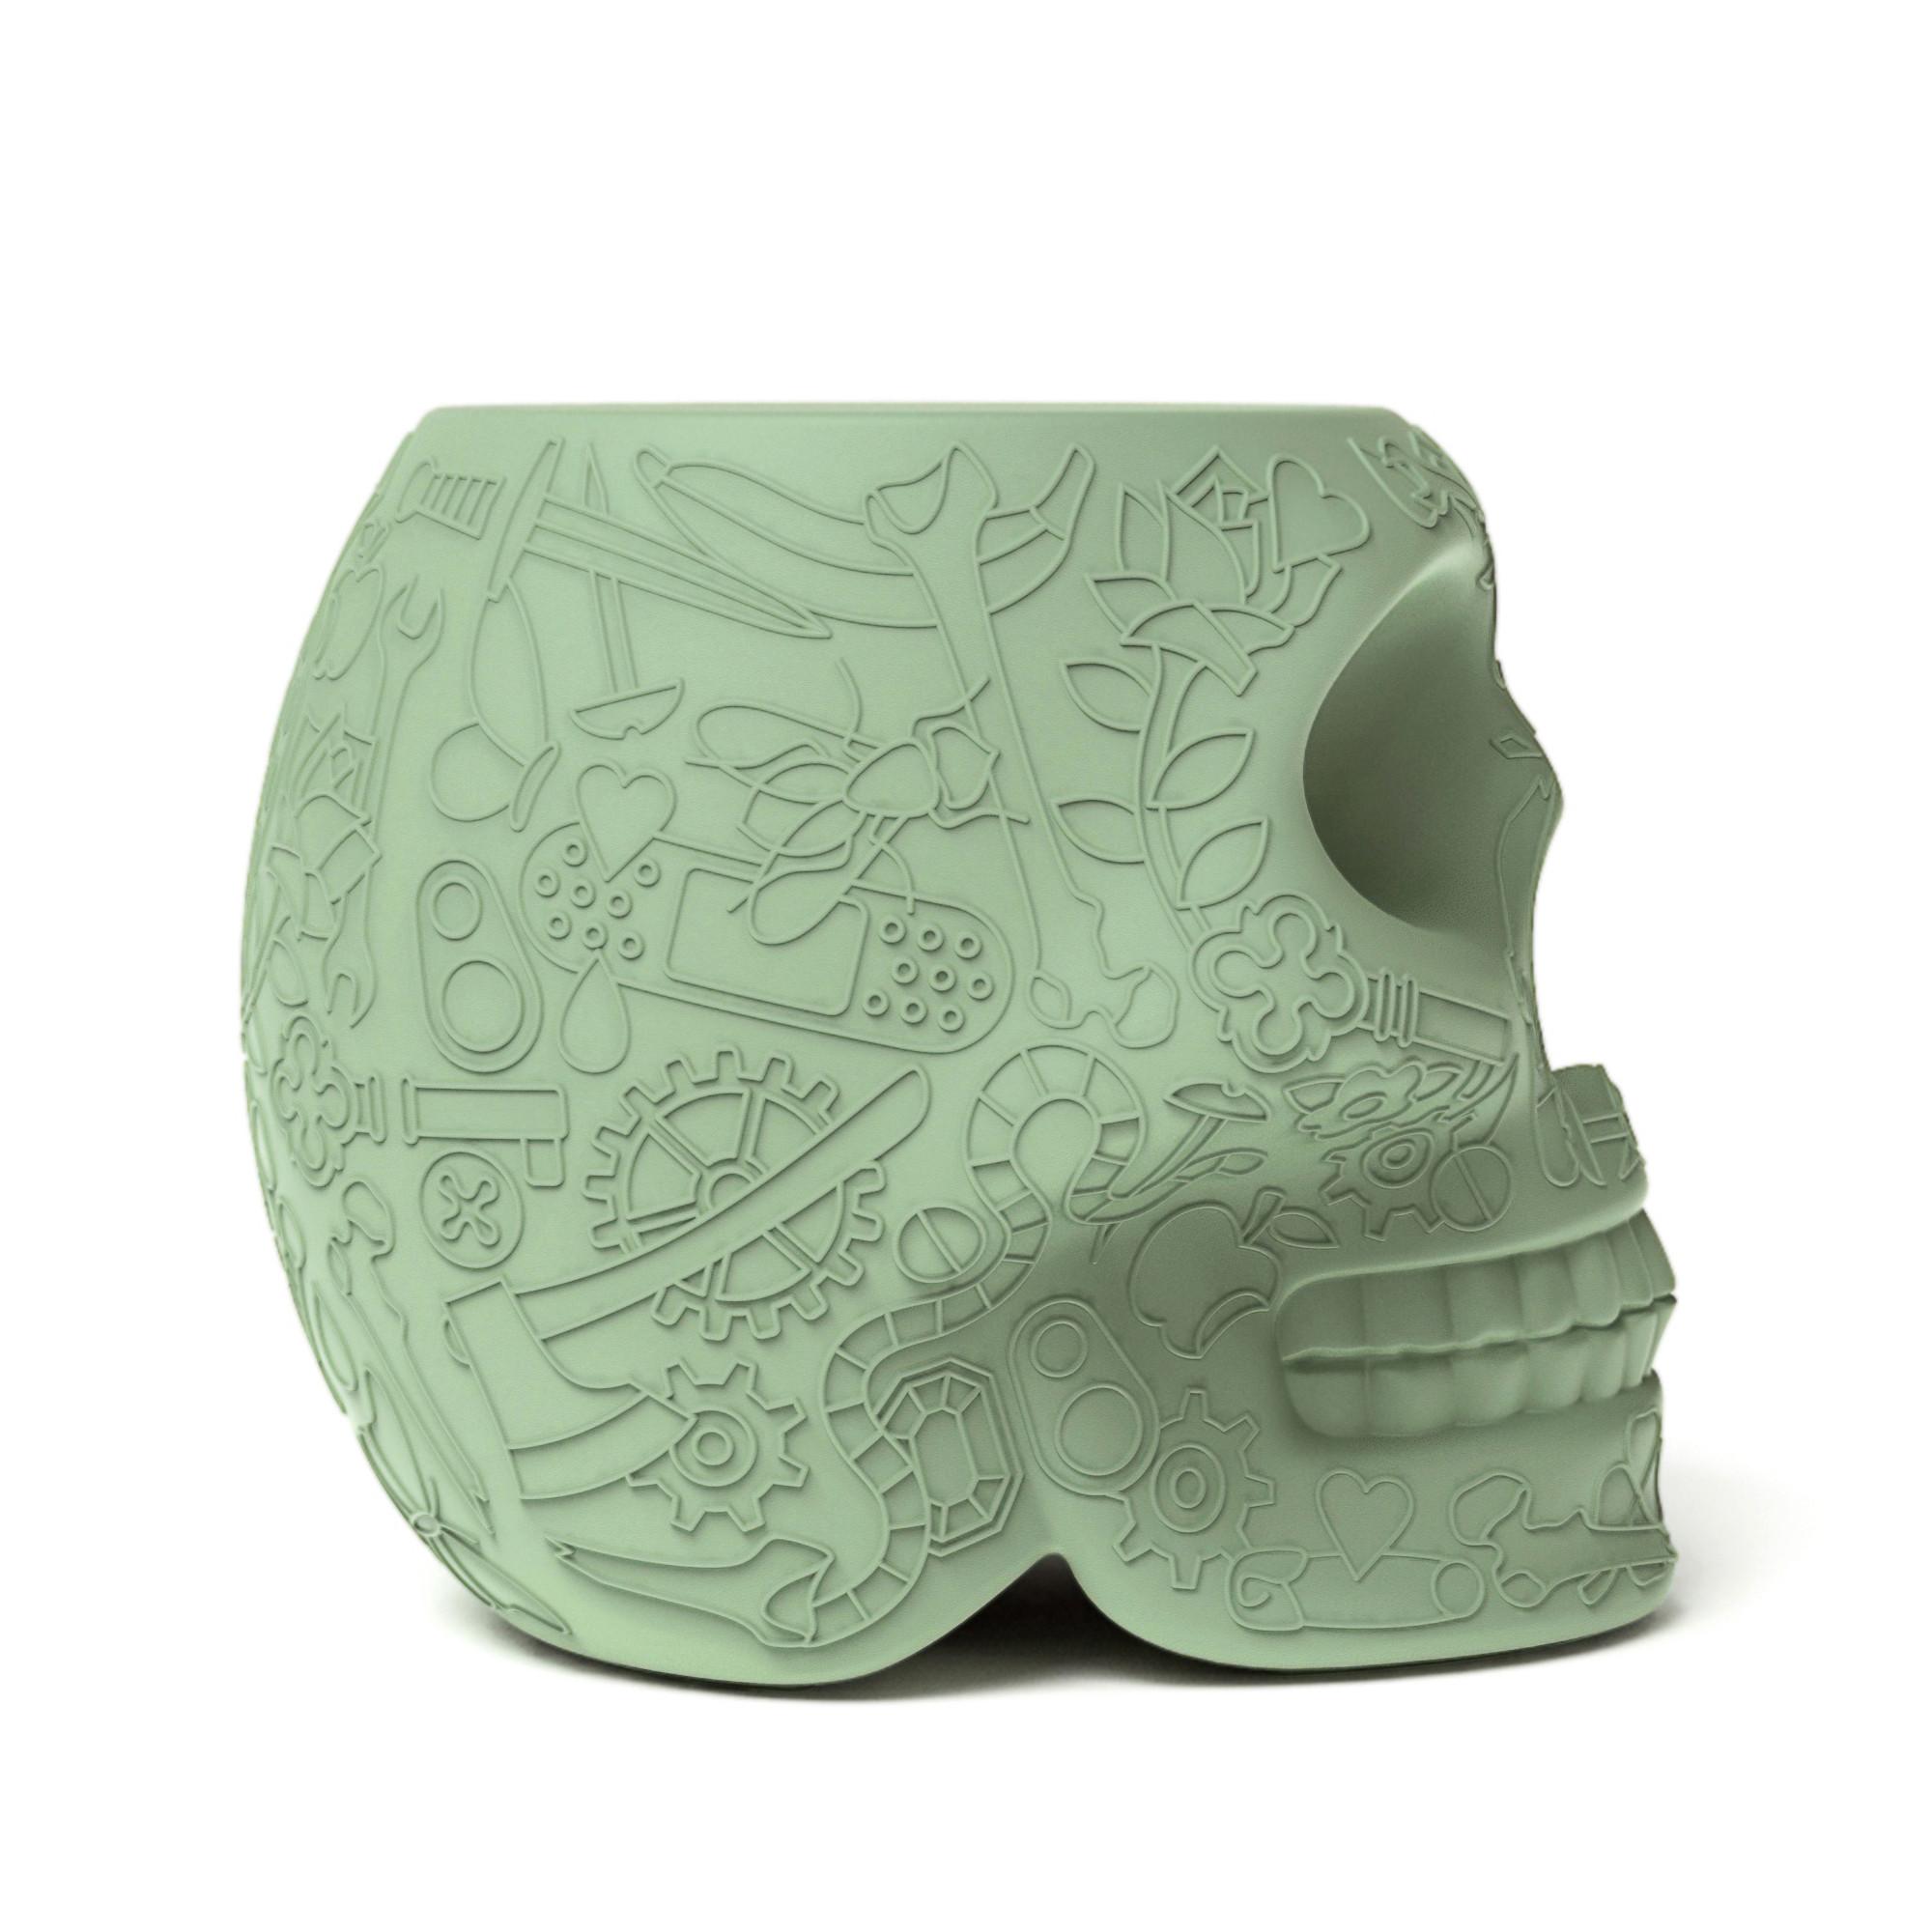 Qeeboo Mexico krukje / bijzettafel Green-8052049050753-31